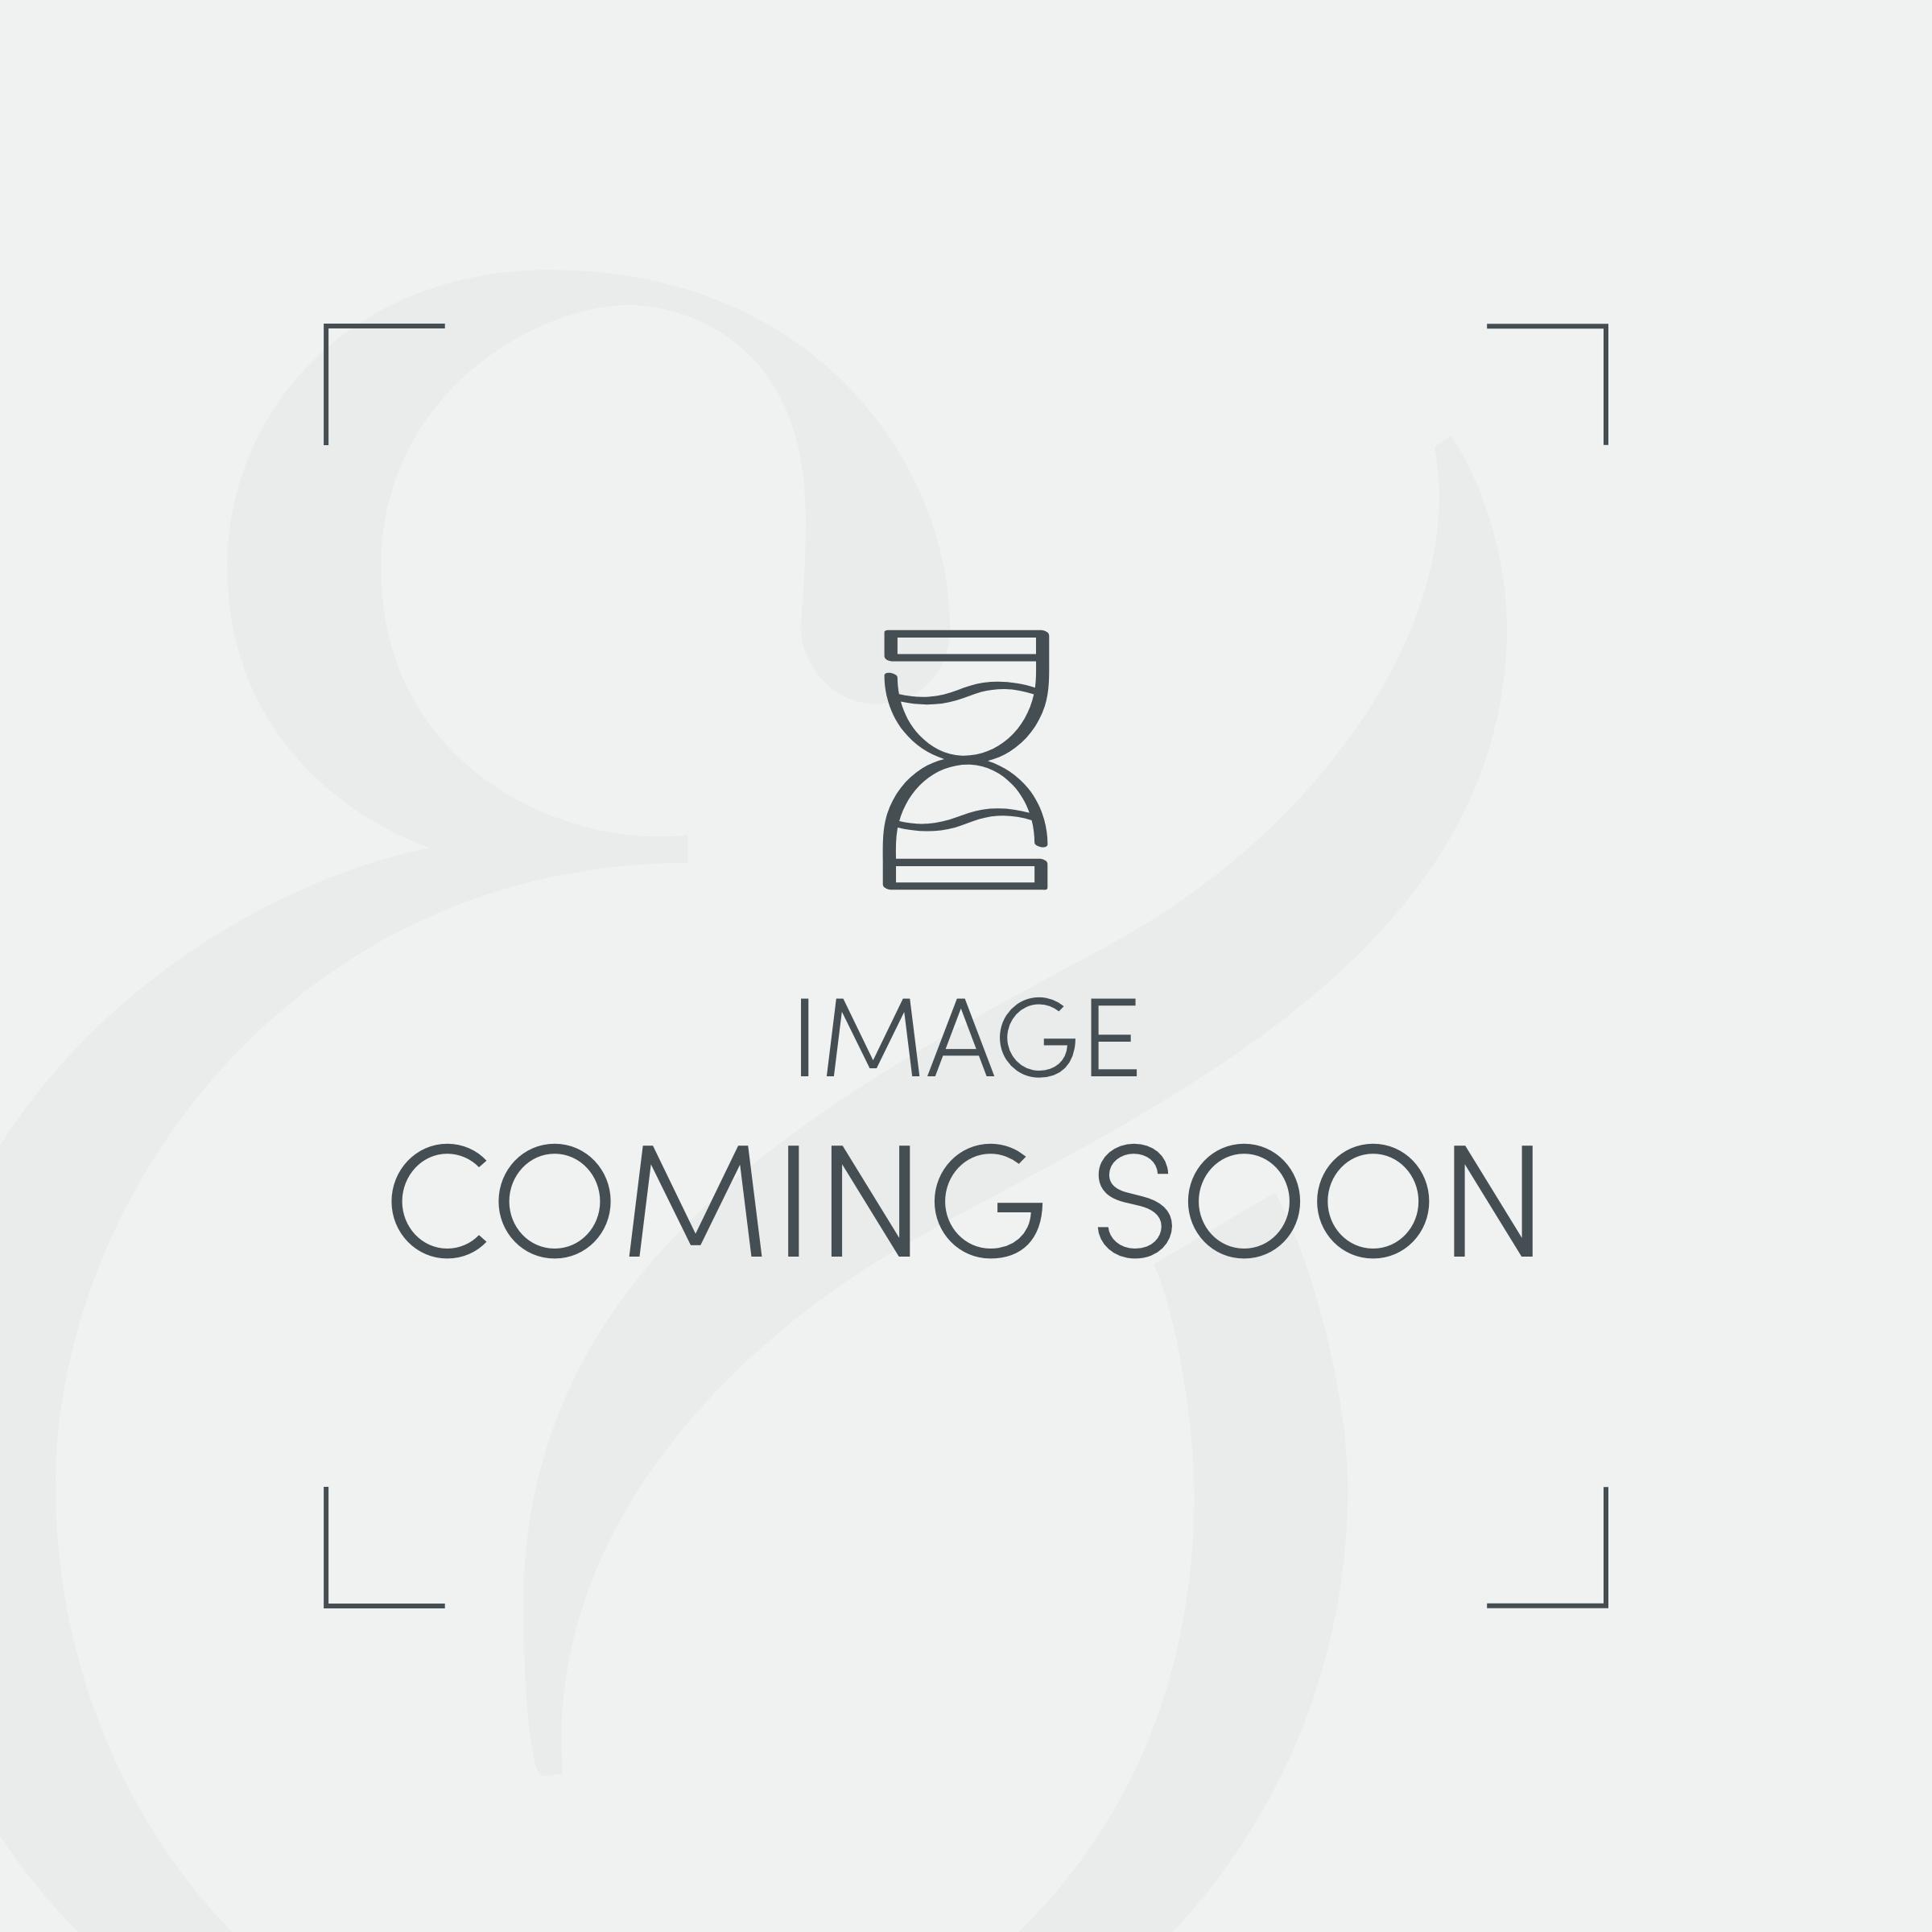 Comfort 1000 Pocket Spring Mattress - 200cm Length Zip & Link - Medium Firmness